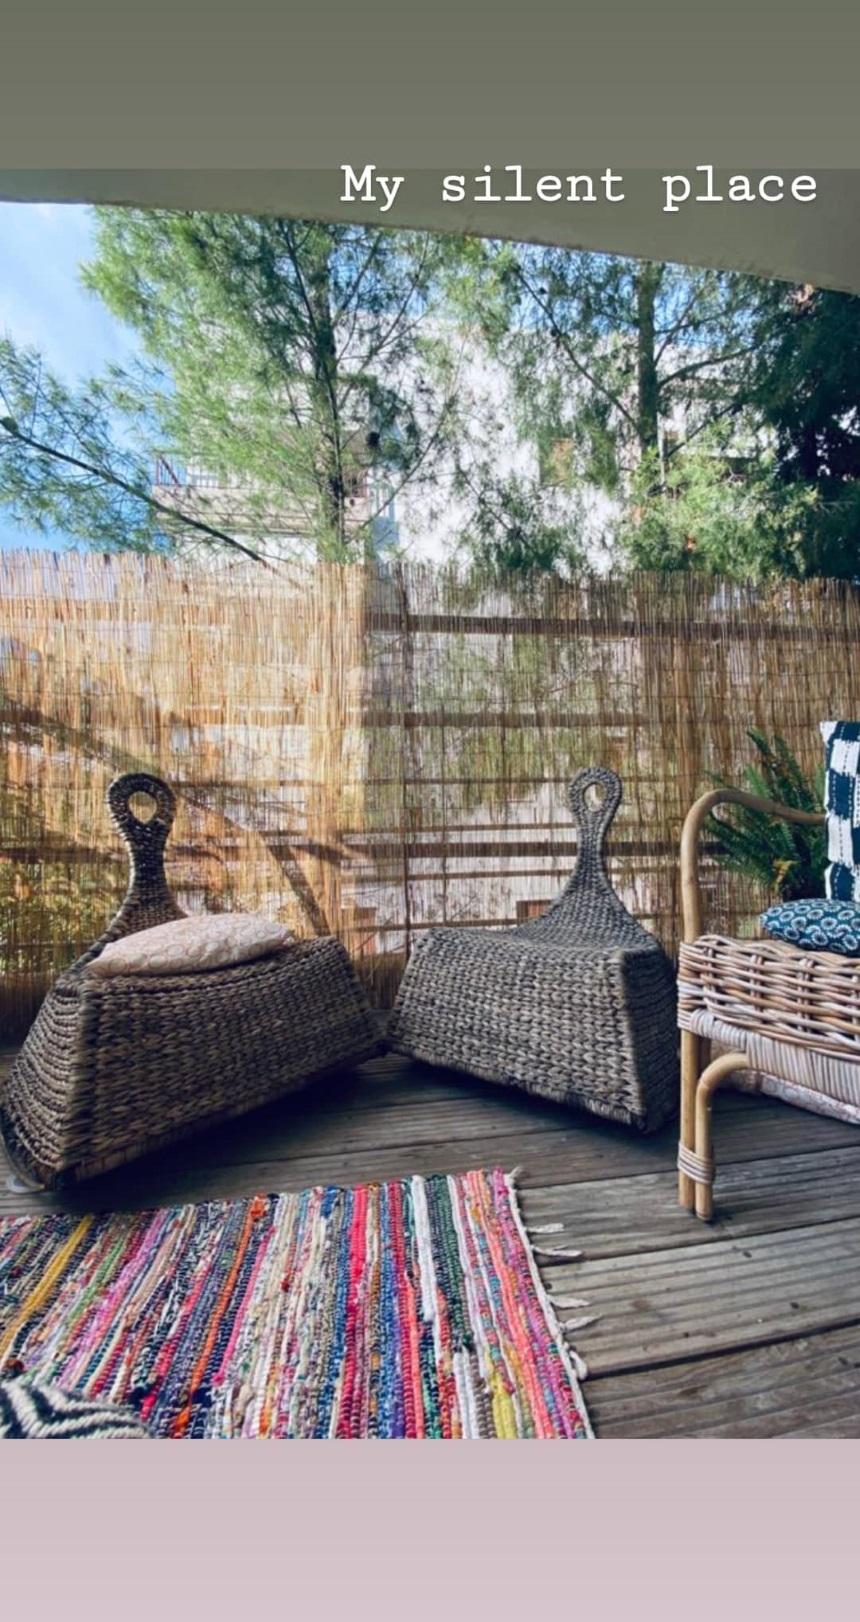 Κατερίνα Παπουτσάκη: Φωτογραφίζει τη γωνία που λατρεύει στο σπίτι της- Είναι υπέροχη!